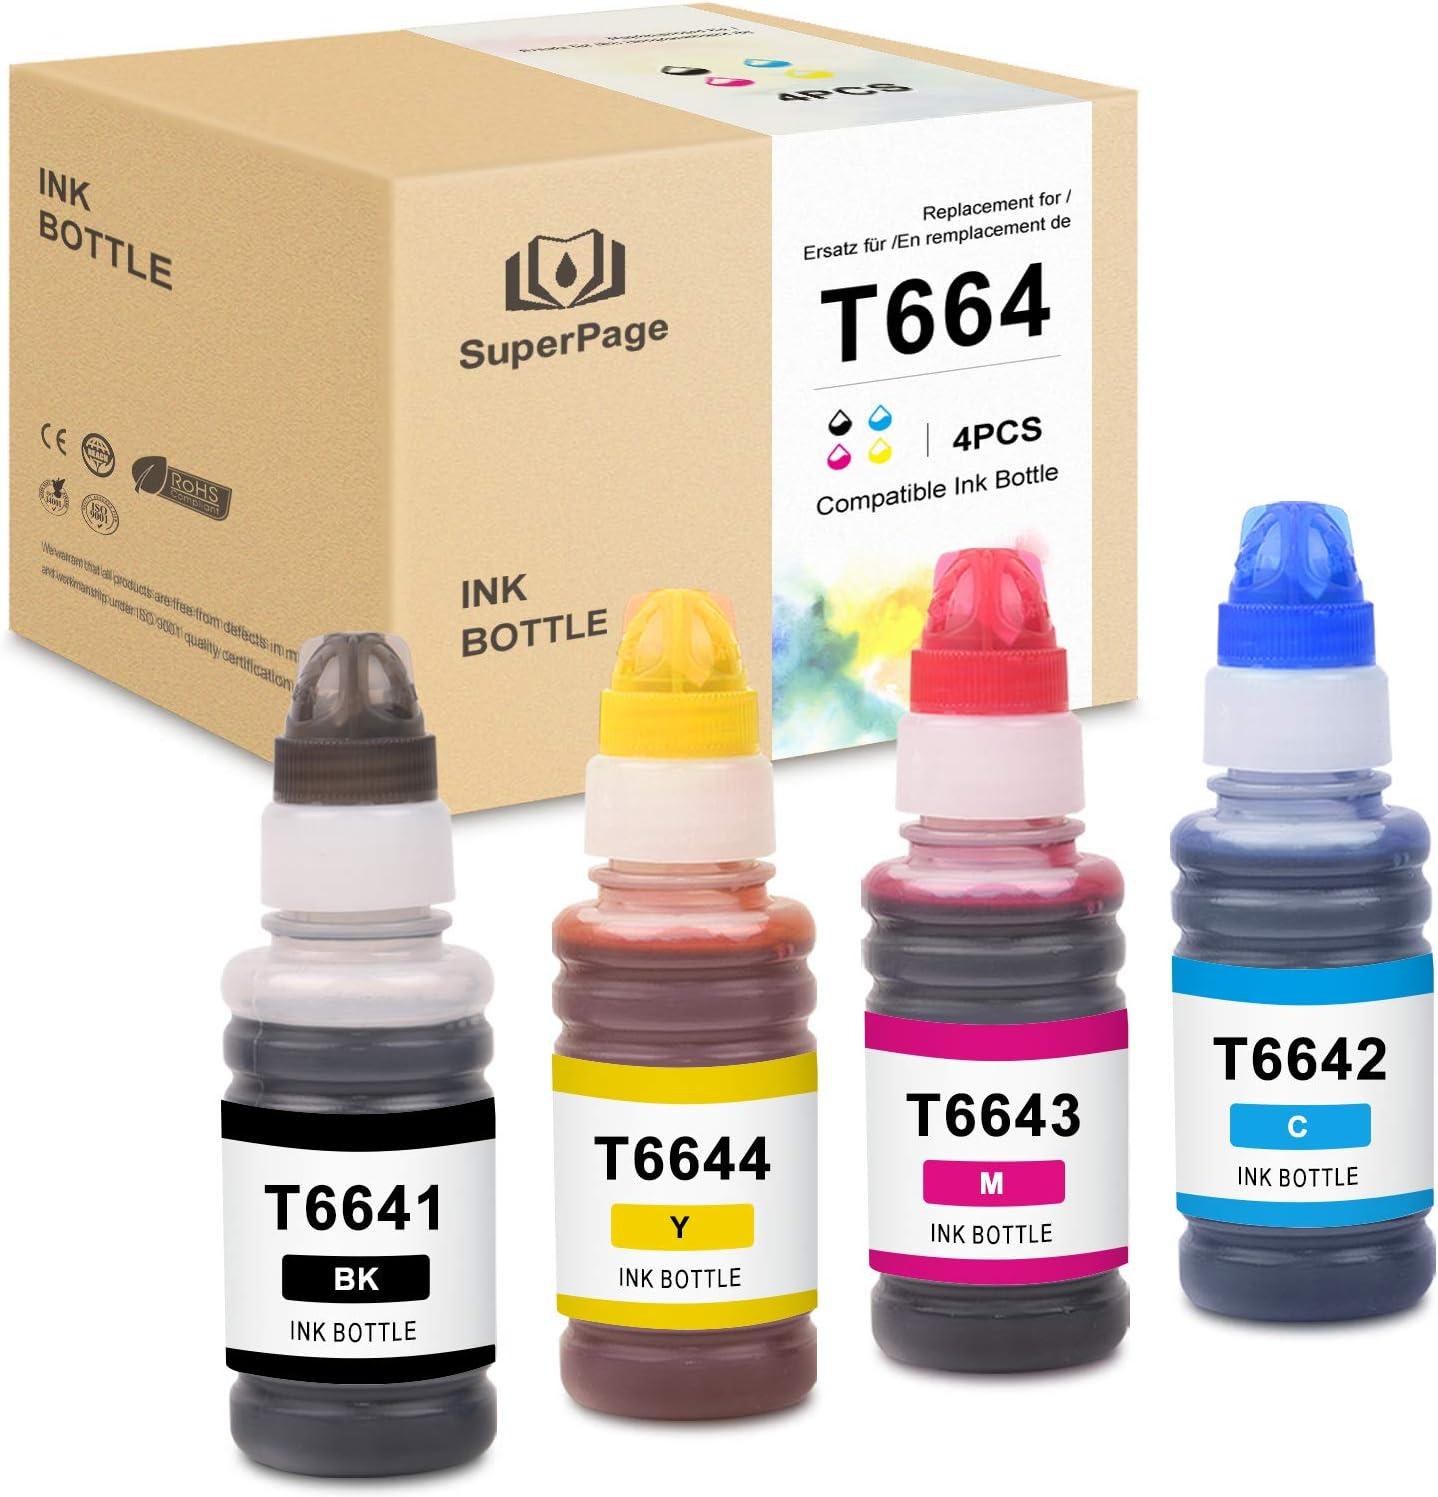 4 Superpage Epson 664 T6641-T6644 Tinte para Epson EcoTank ET-2650 L300 L350 L355 L365 L455 L550 L555 L565 L100 L200 ET2550 ET2500 ET4500, Negro Cian ...